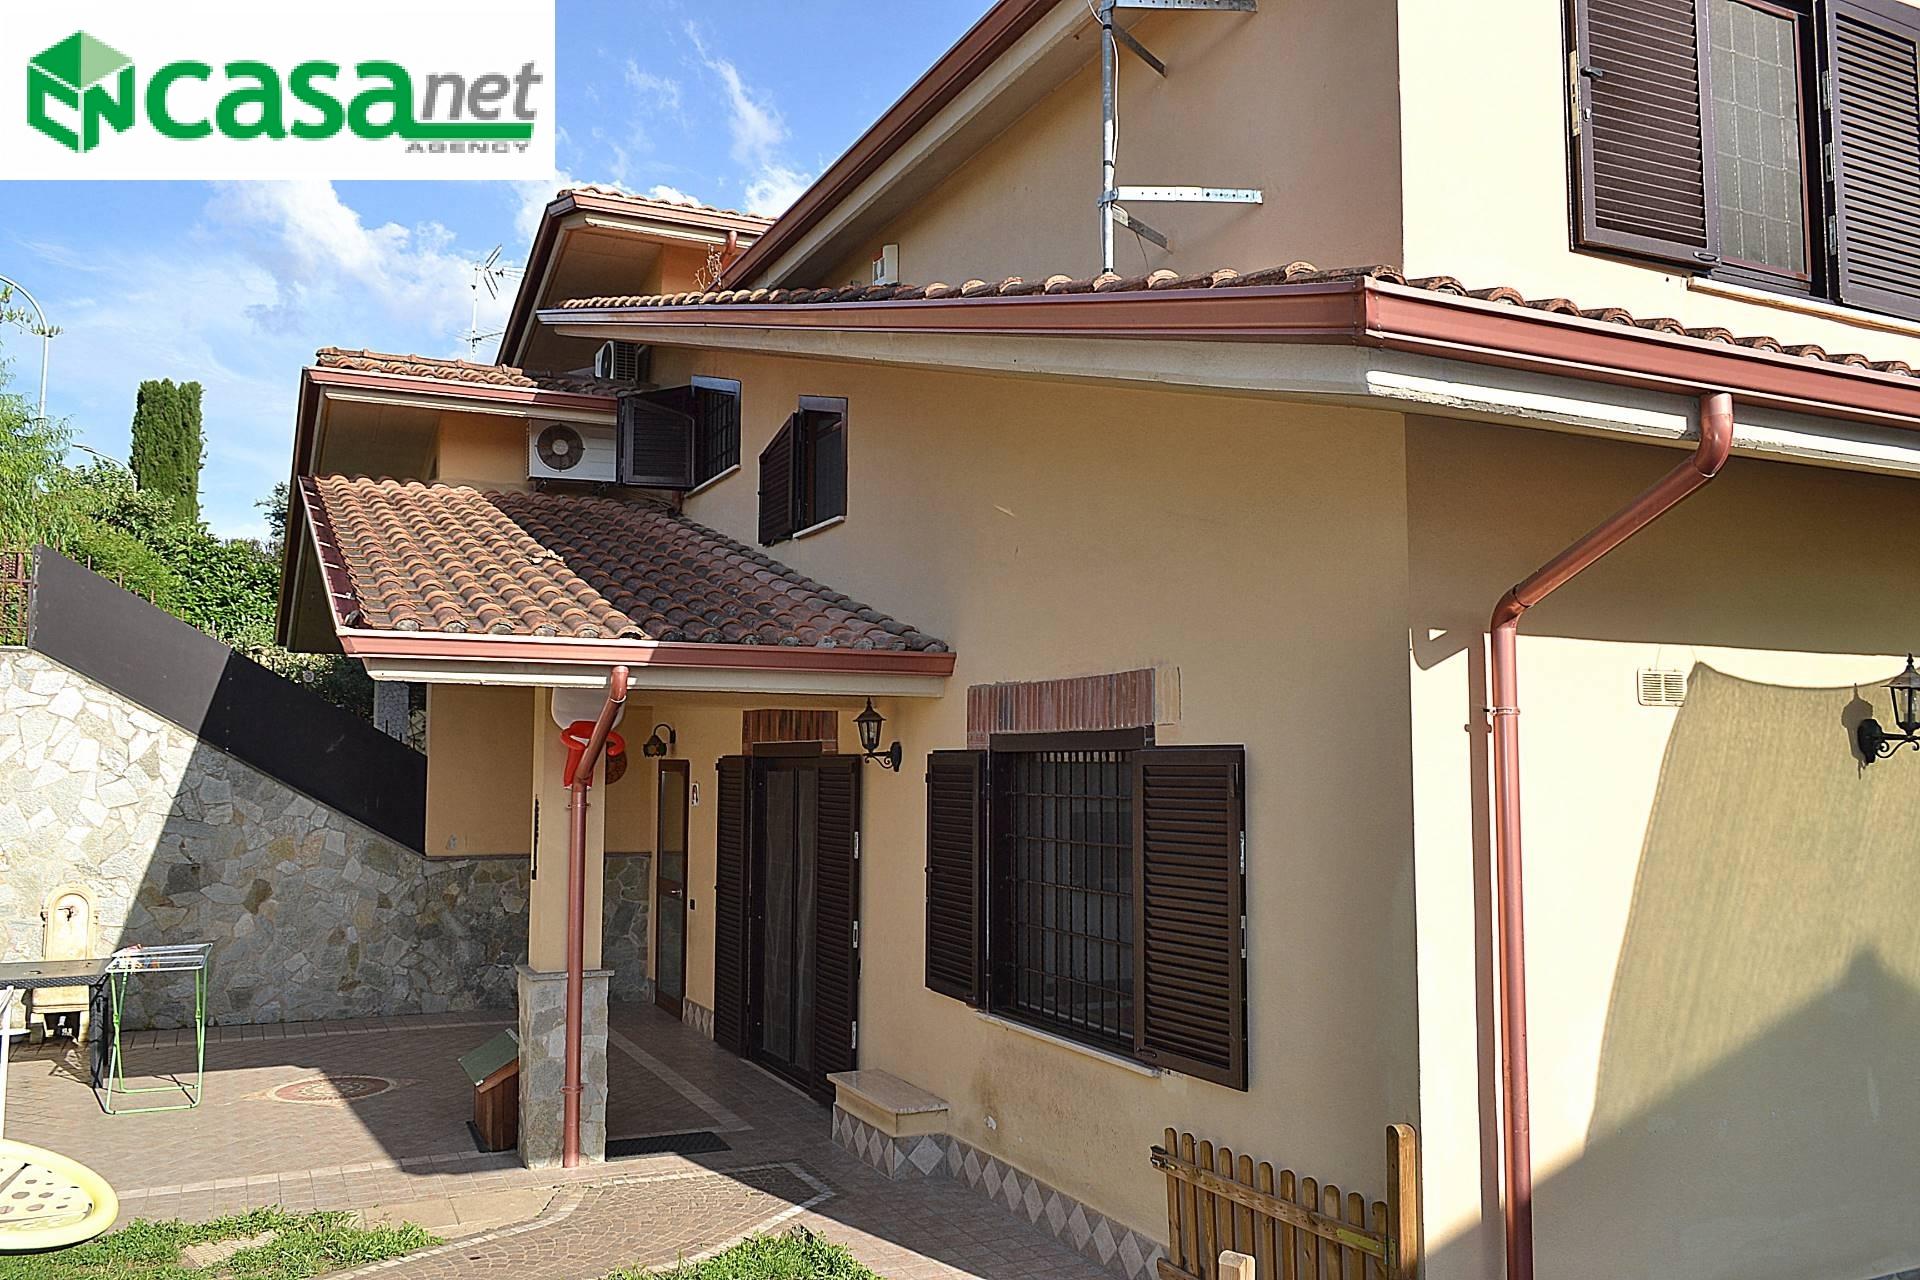 Vendita ville a schiera a guidonia montecelio - Agenzie immobiliari guidonia ...